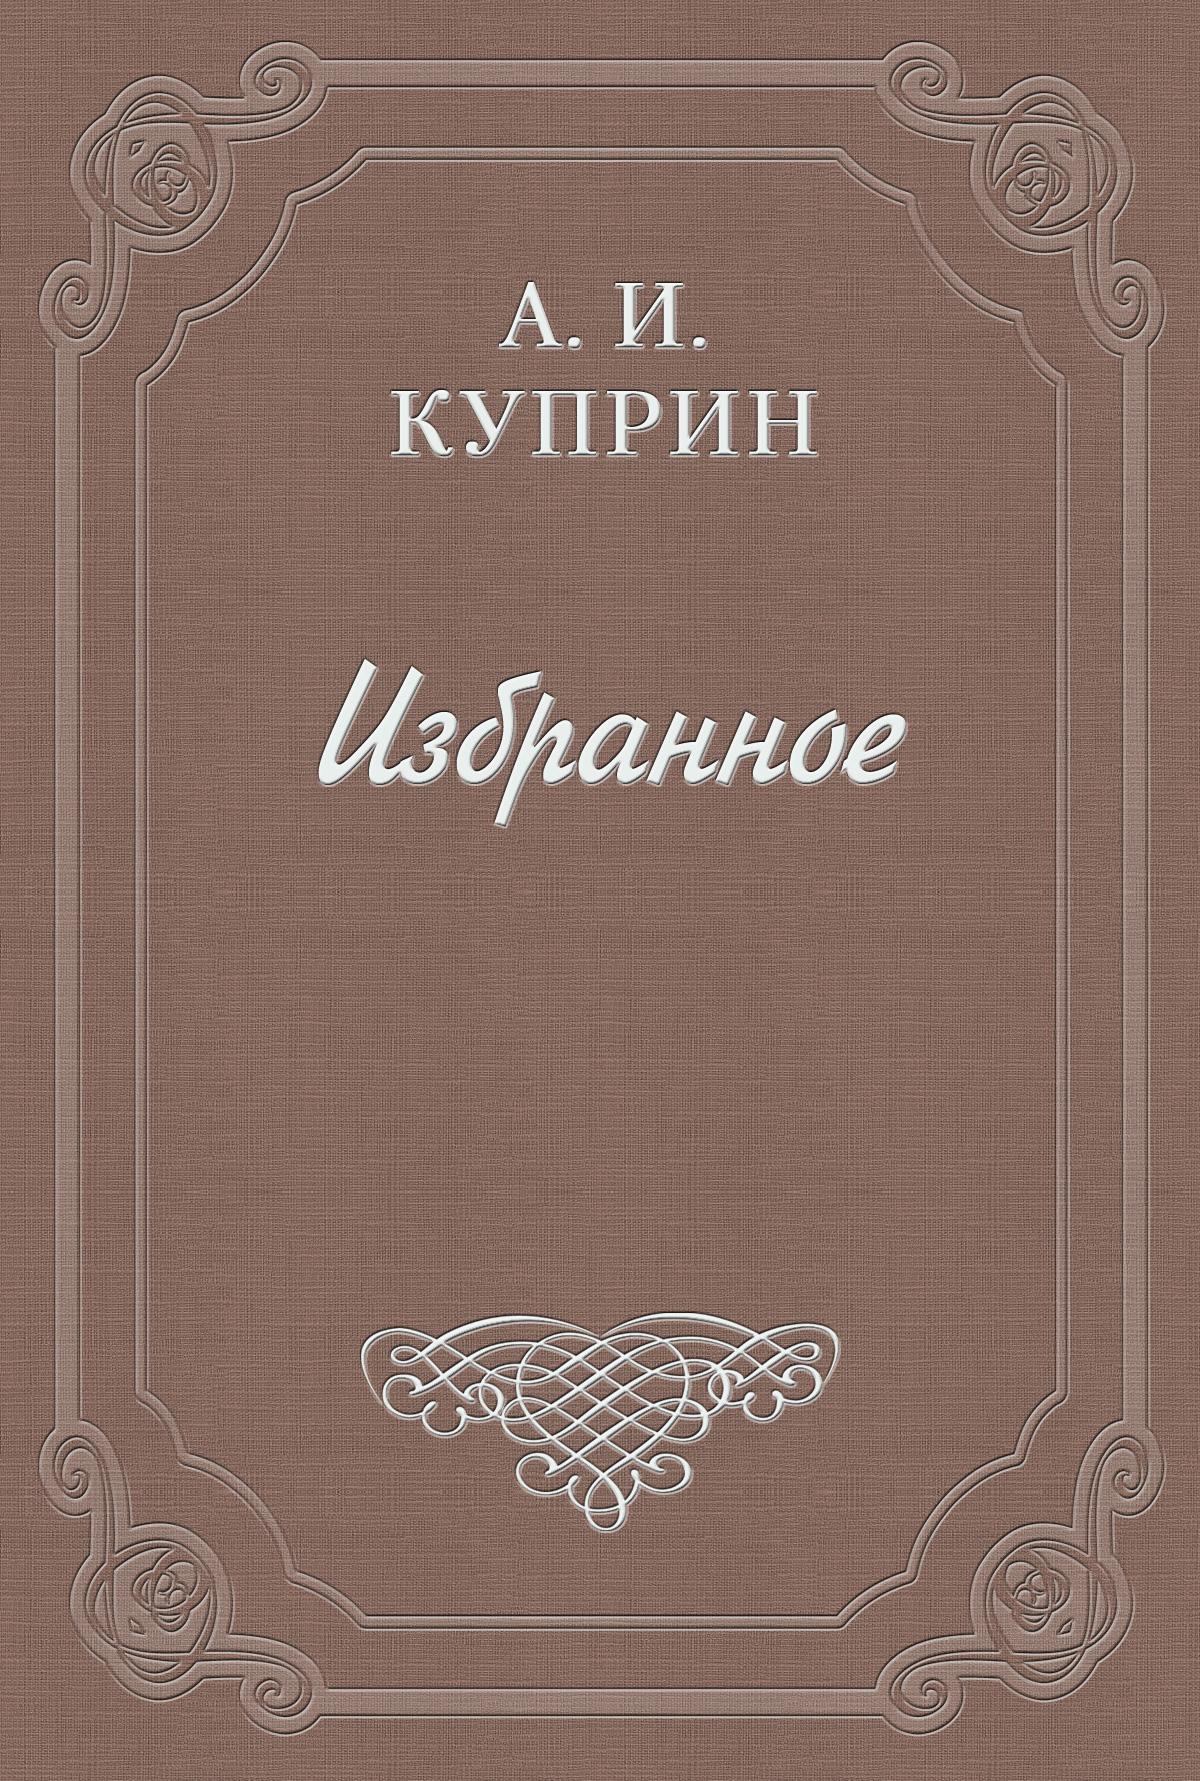 Александр Куприн Пророчество первое александр куприн пророчество первое